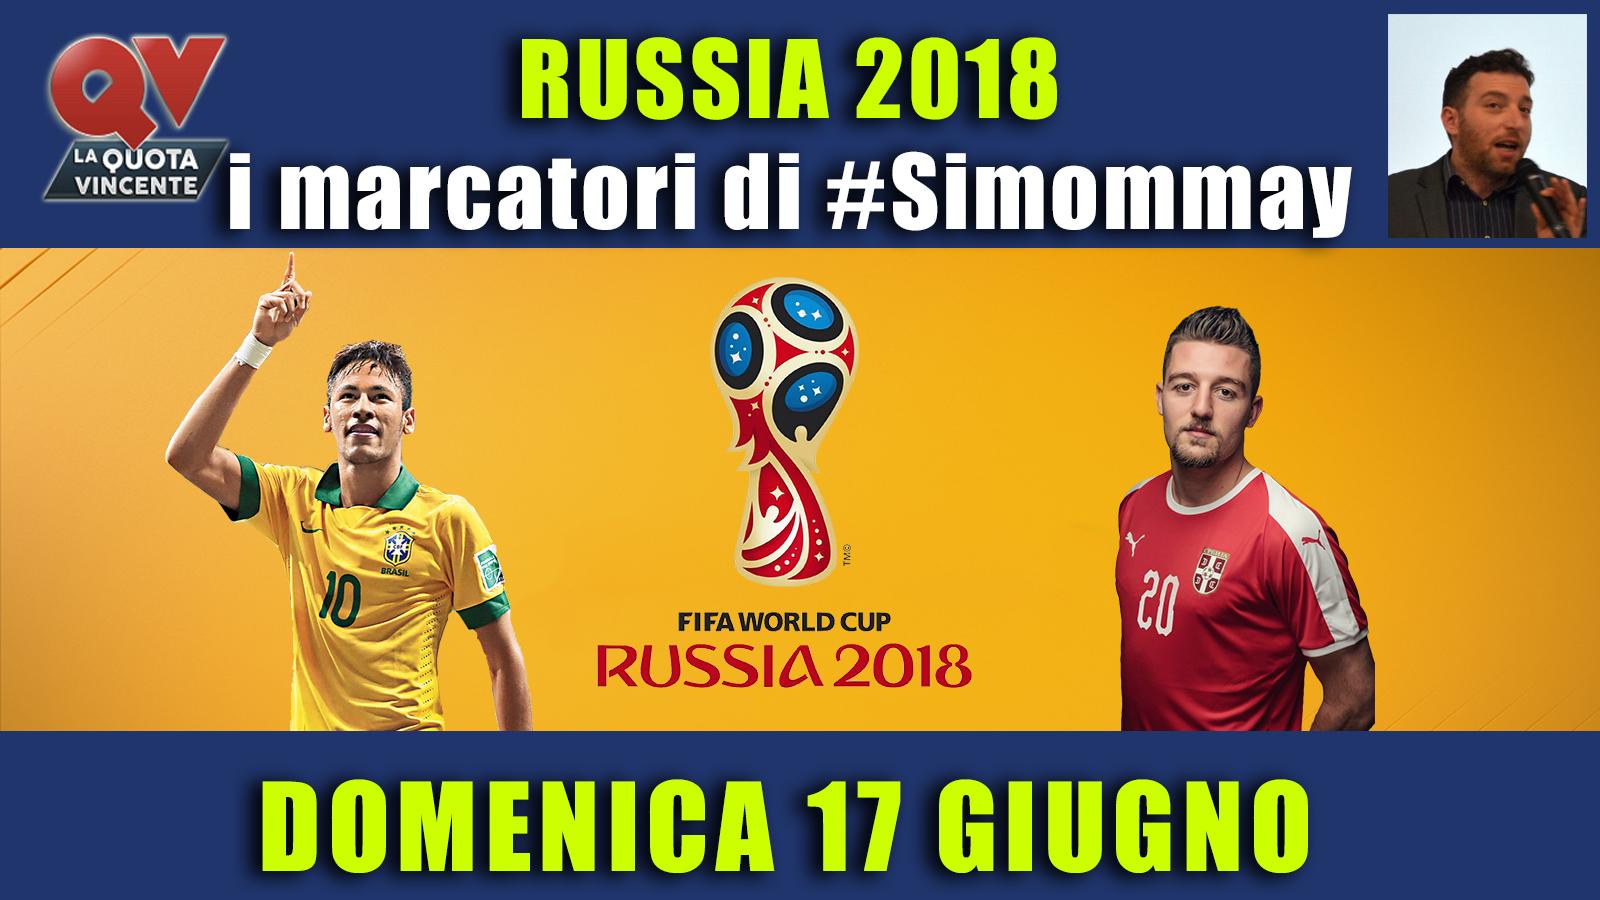 Pronostici marcatori Mondiali 17 giugno: i marcatori di #simommay